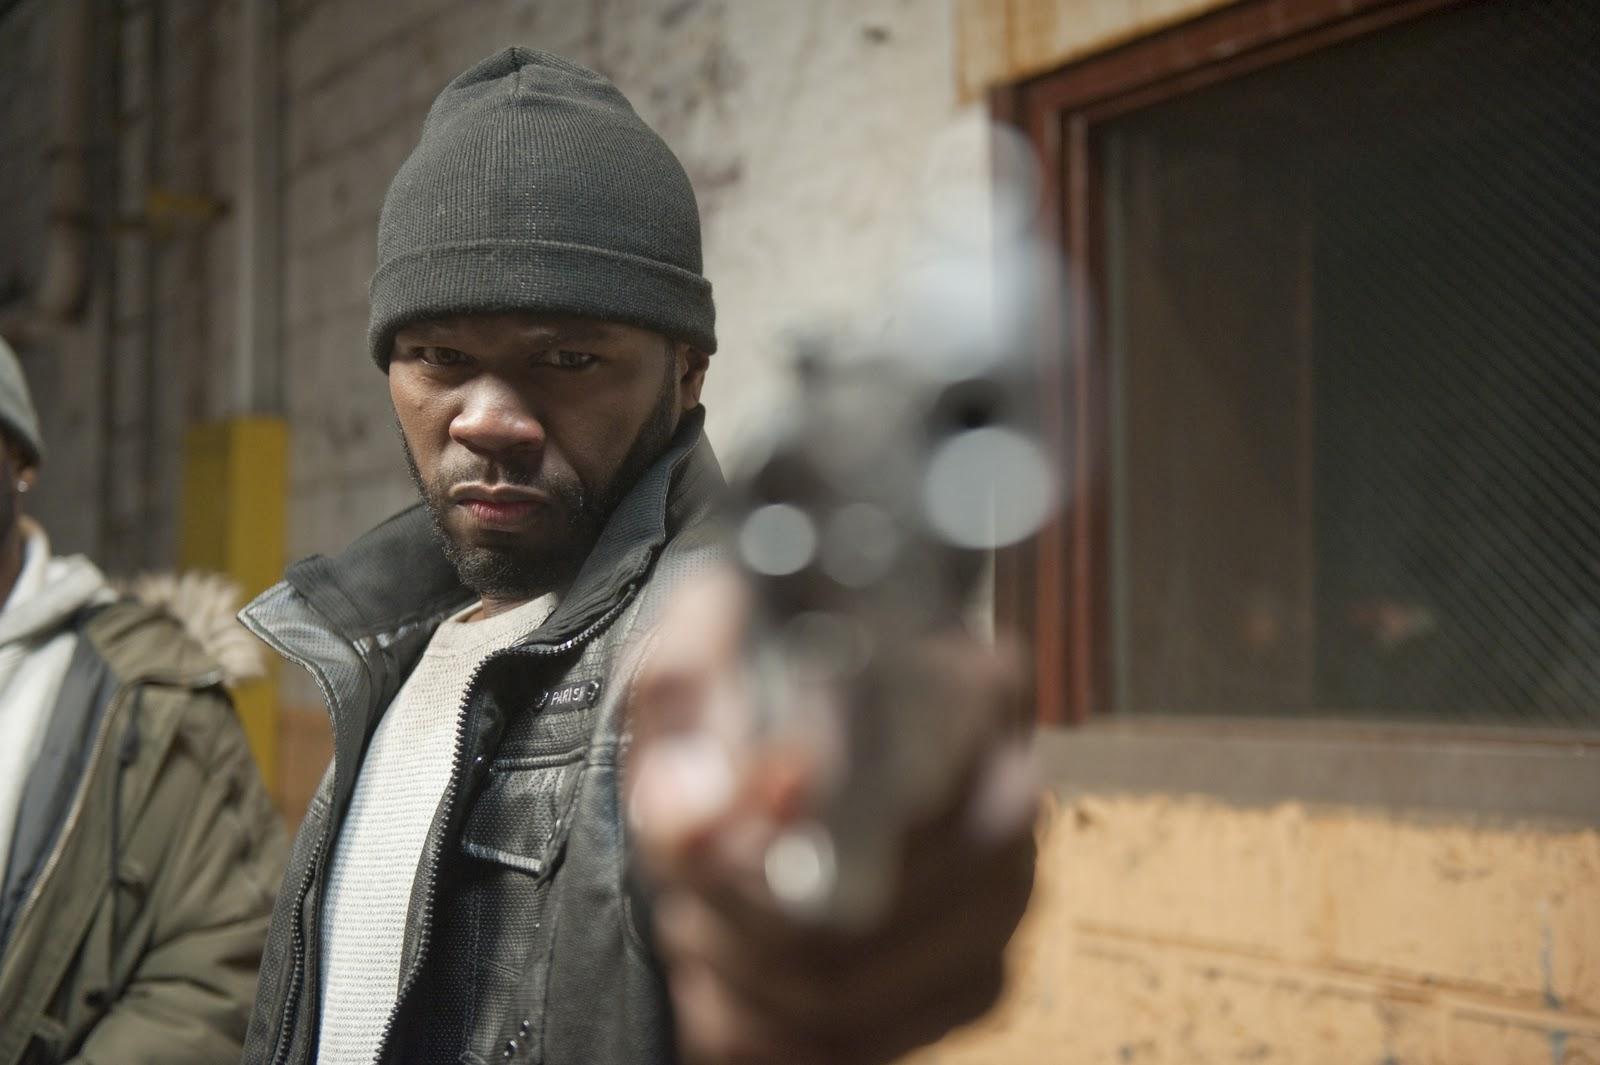 http://3.bp.blogspot.com/-XvhoHasi1EM/TvV_JMIRK8I/AAAAAAAAA2s/o9oWKSkvV2o/s1600/50+cent+pictures+with+guns5.jpg